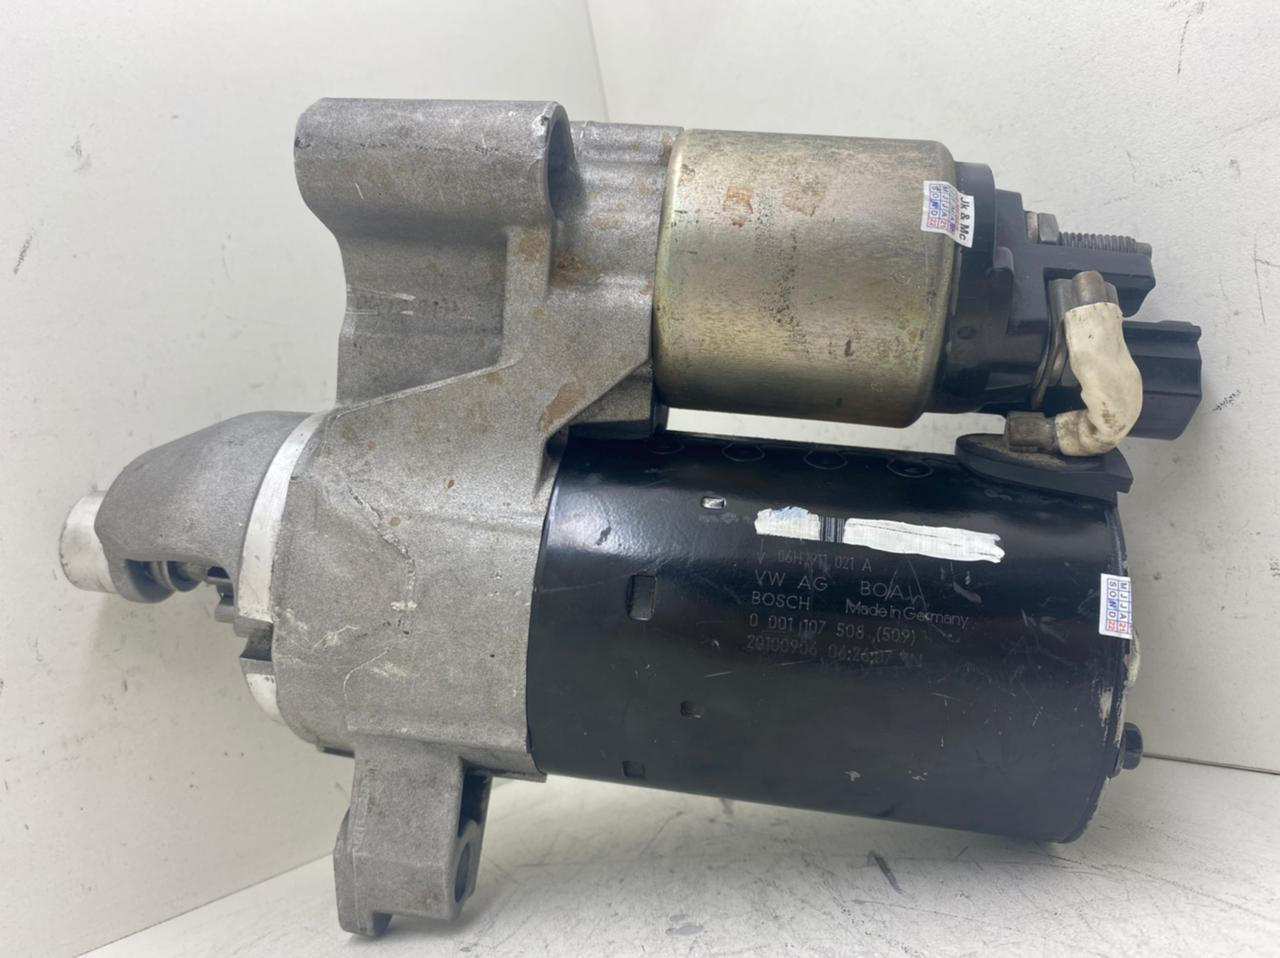 Motor de Partida Arranque Audi A4 S4 8K A5 Q5 2.0 TFSI 10D 12V 0001107508509 0001107509 000117508 20100906 06H911021A